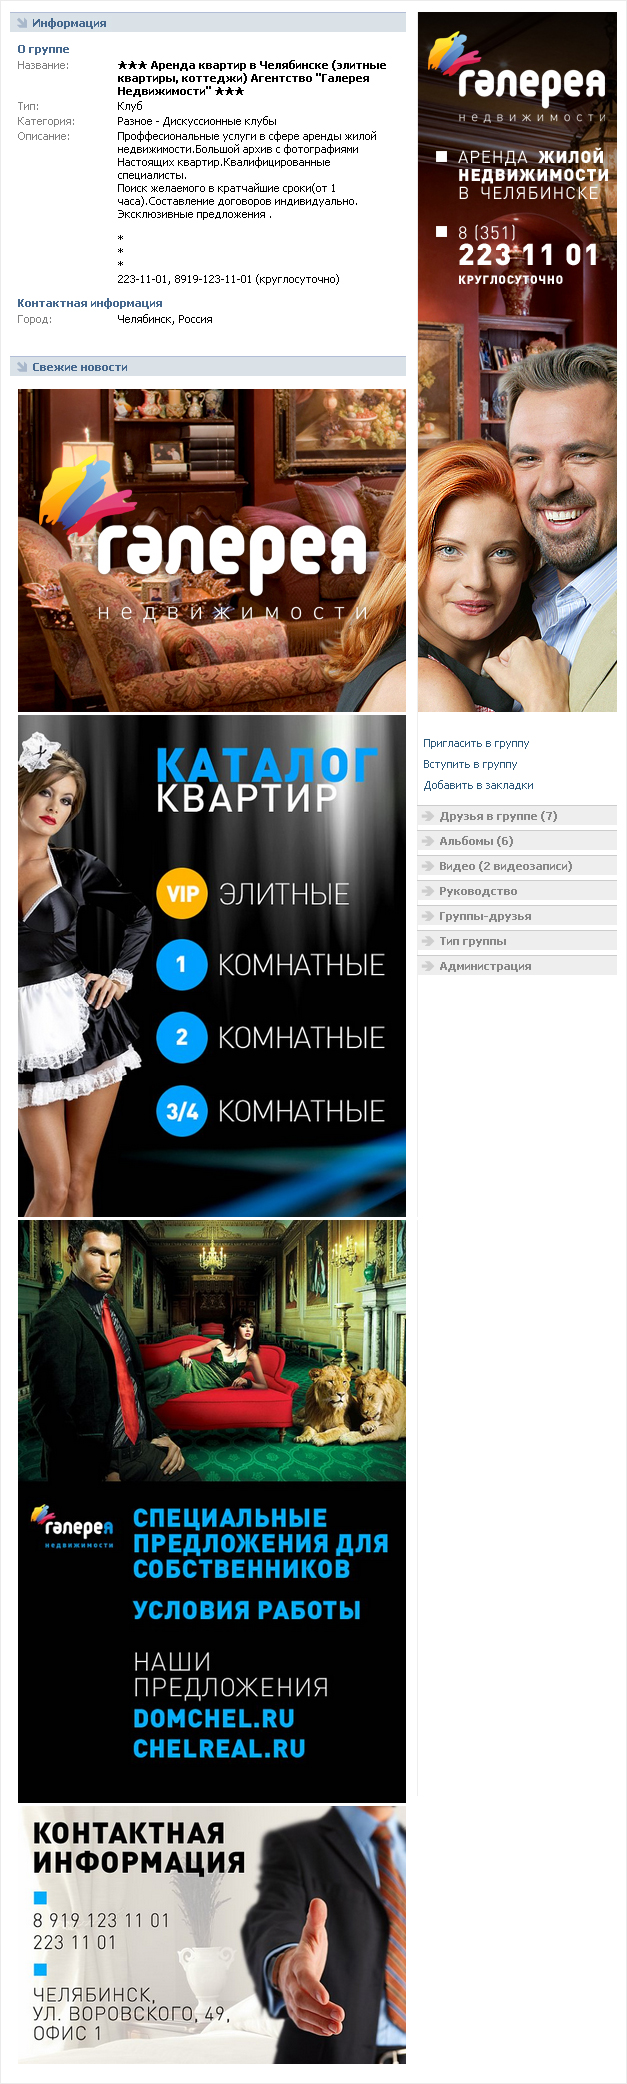 VK — Галерея недвижимости, Челябинск